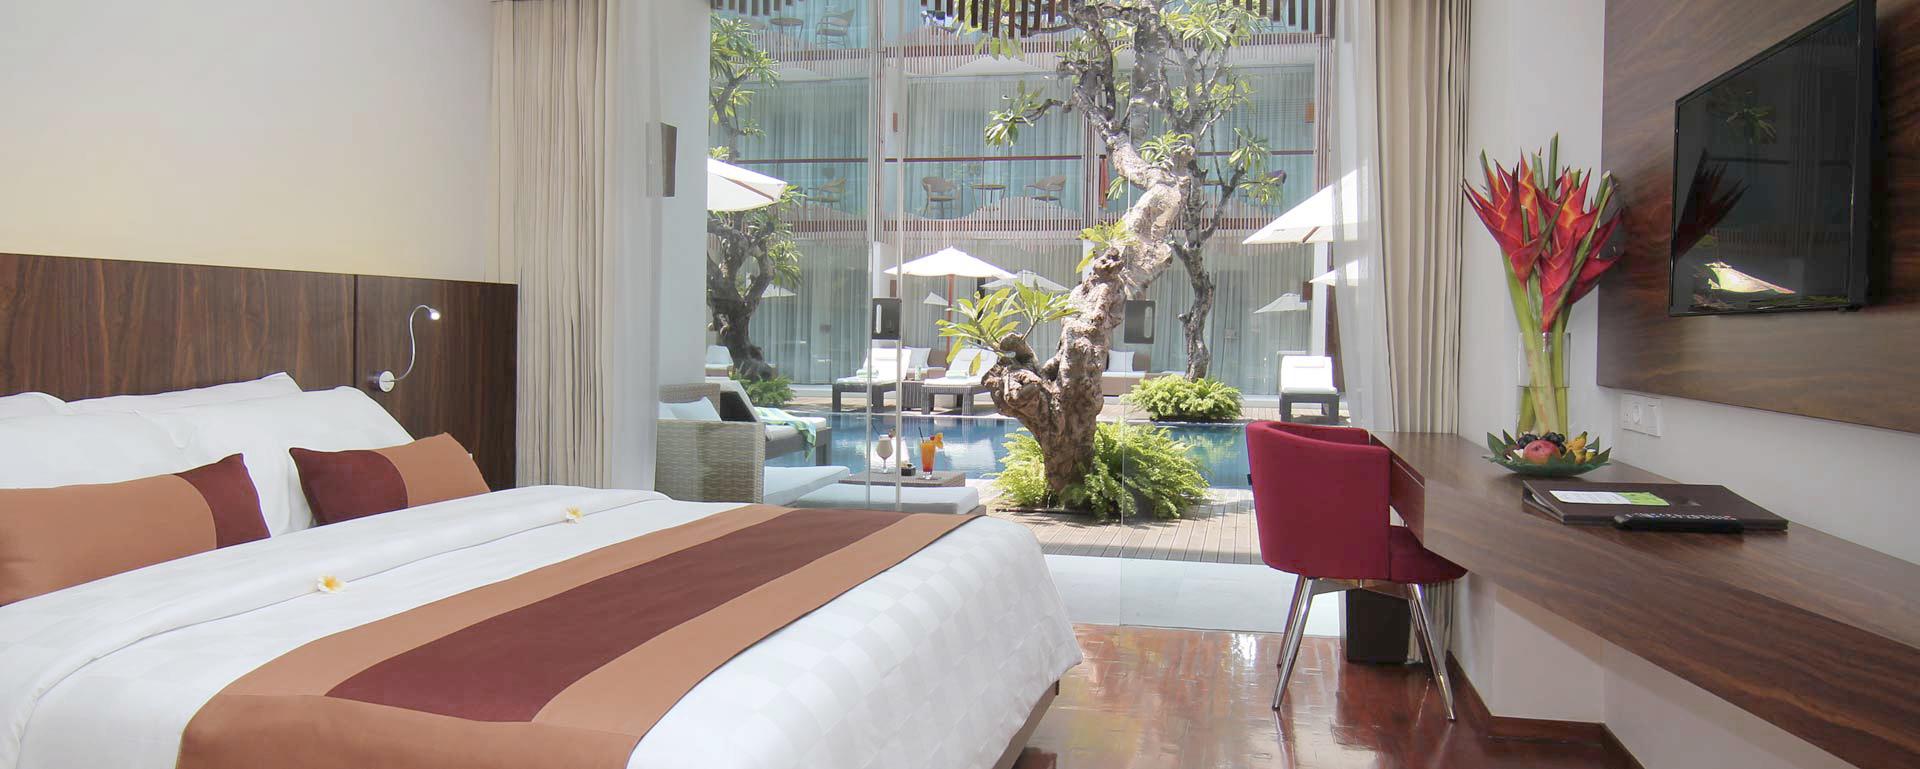 The Bene Hotel Kuta